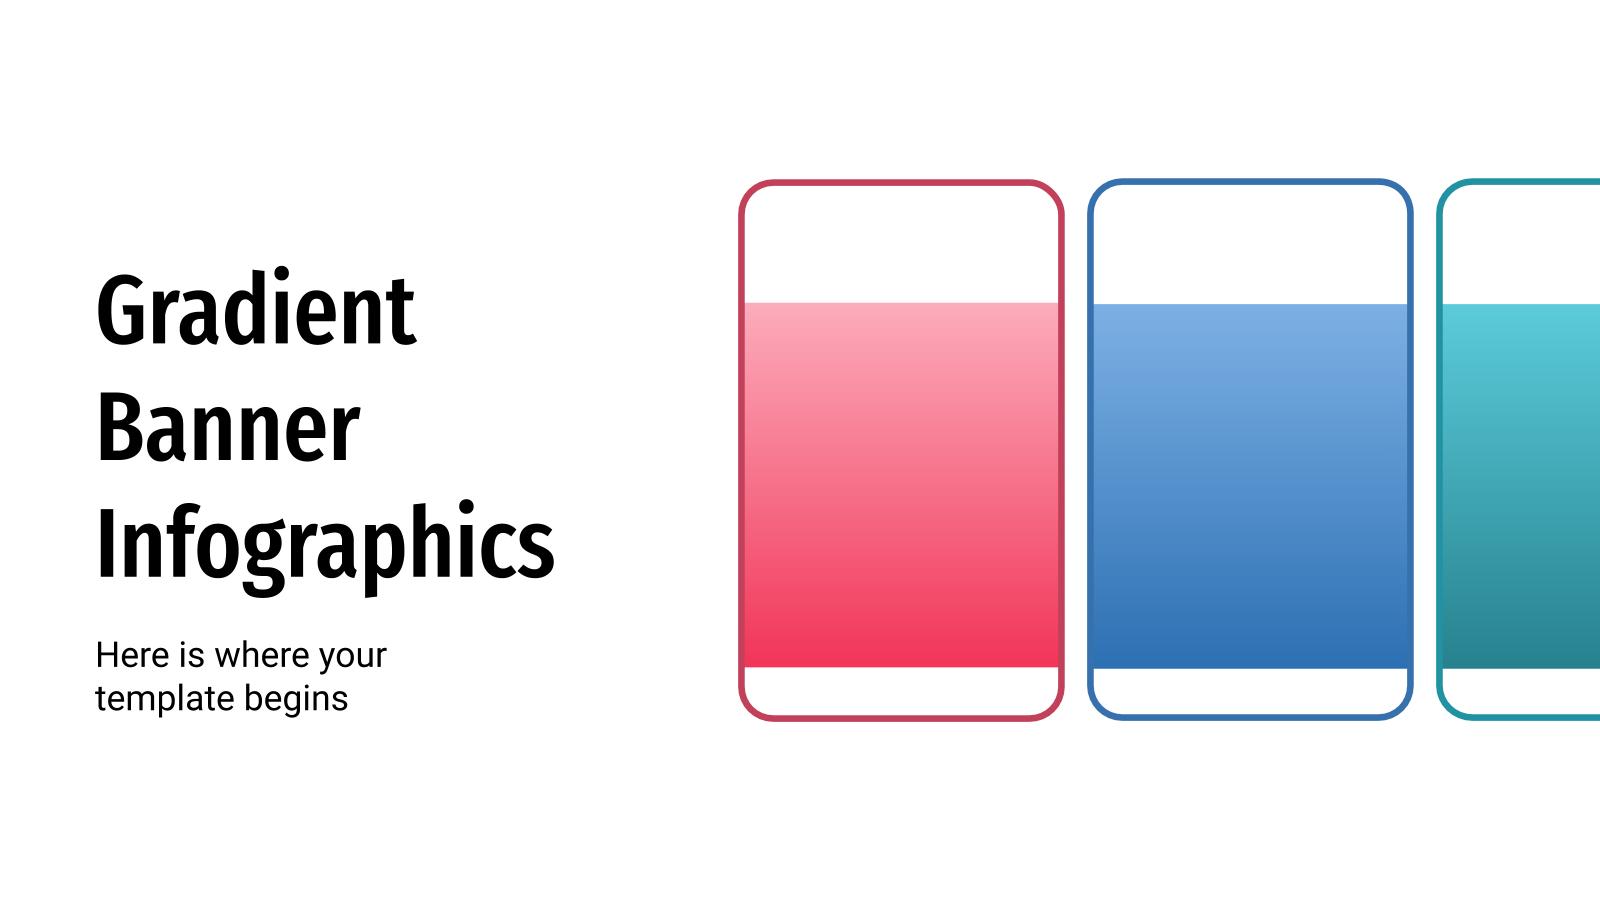 Plantilla de presentación Infografía de banner gradiente